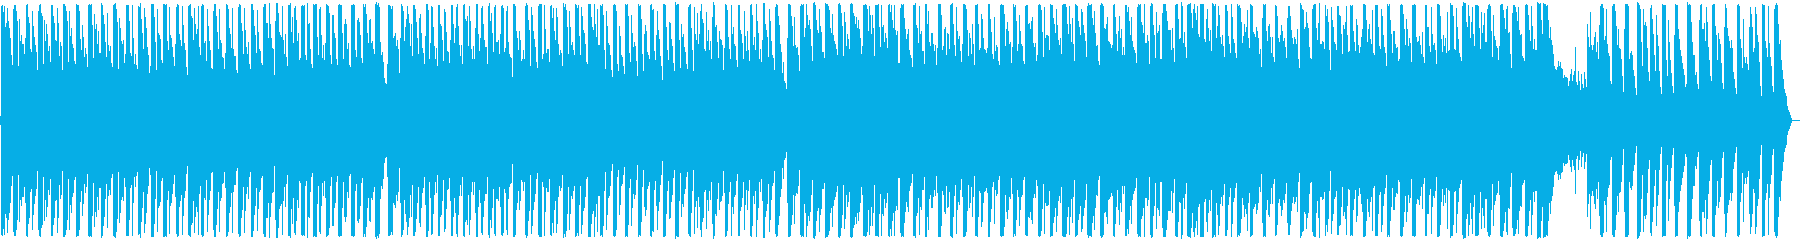 愉快でハイテンポなテクノポップ ループ可の再生済みの波形